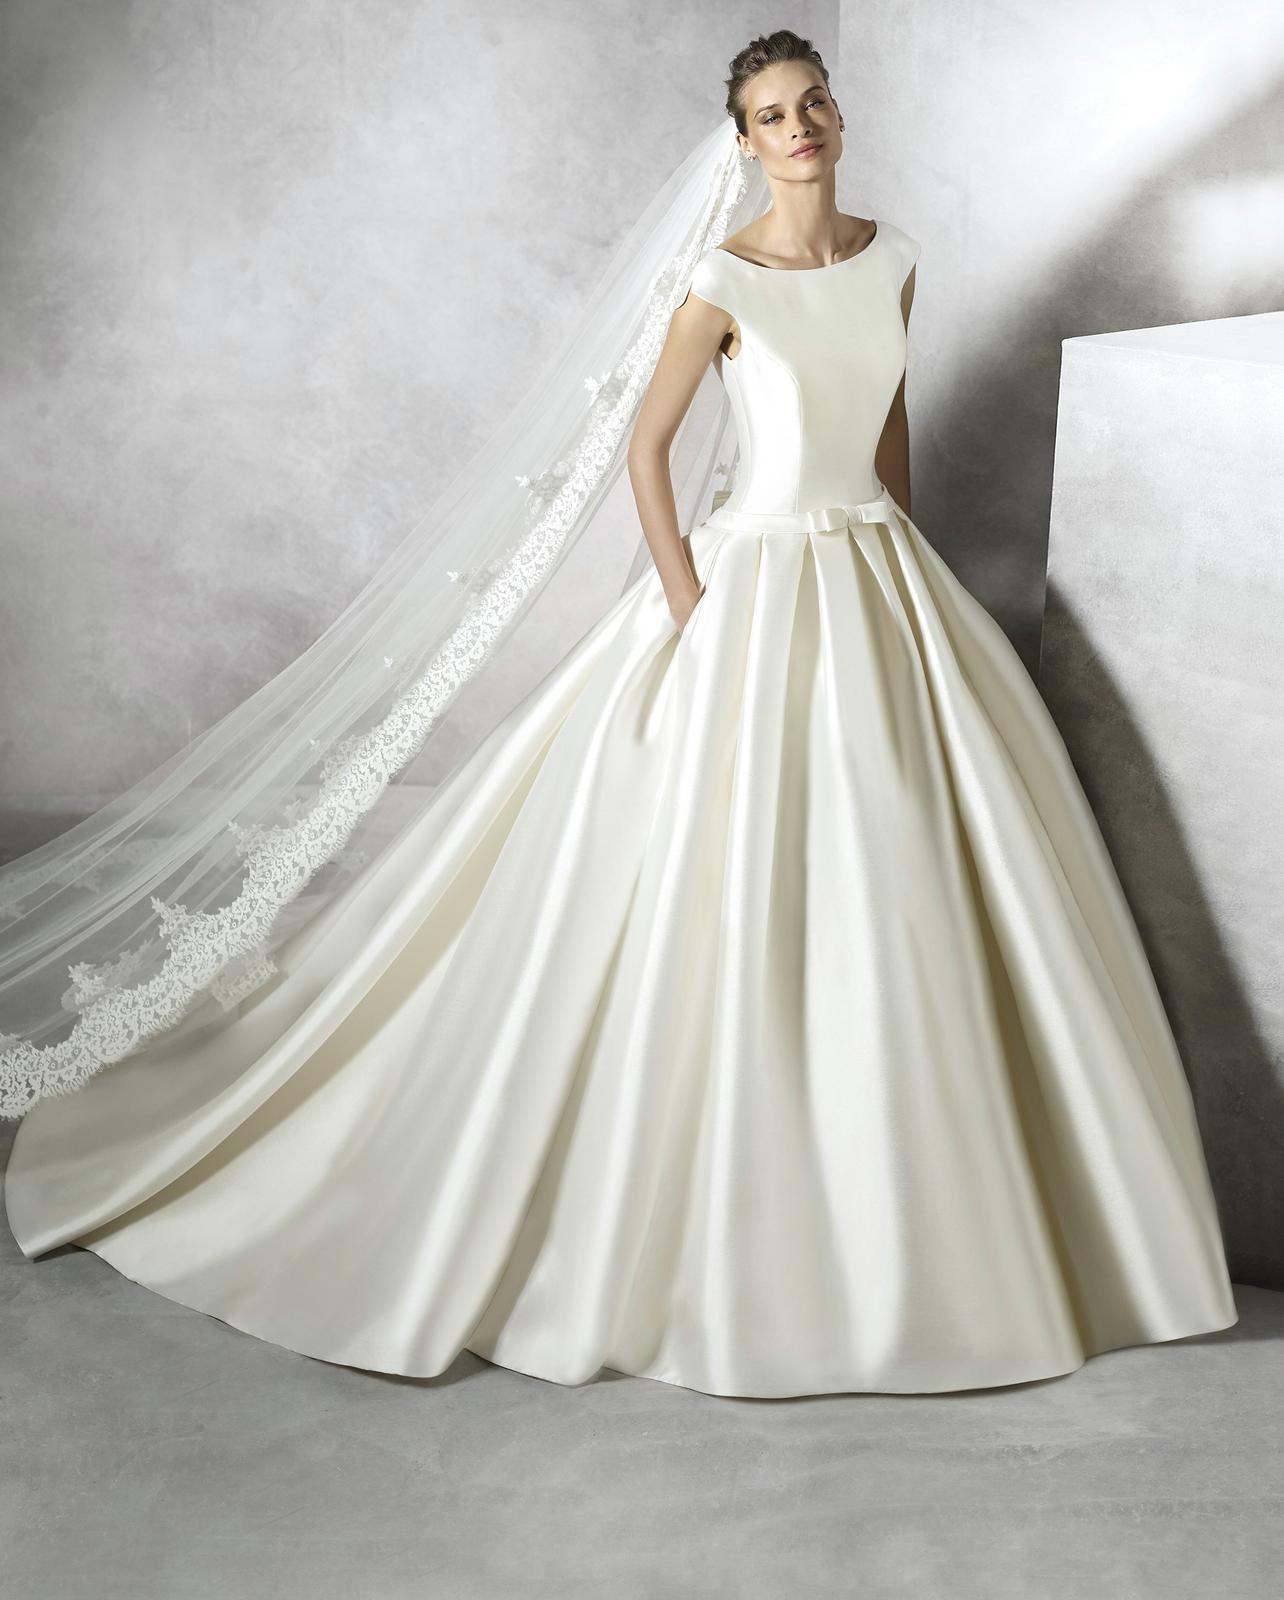 73e2ecfcac30 Svadobné šaty pre štíhlu nevestu po štyridsiatke -...